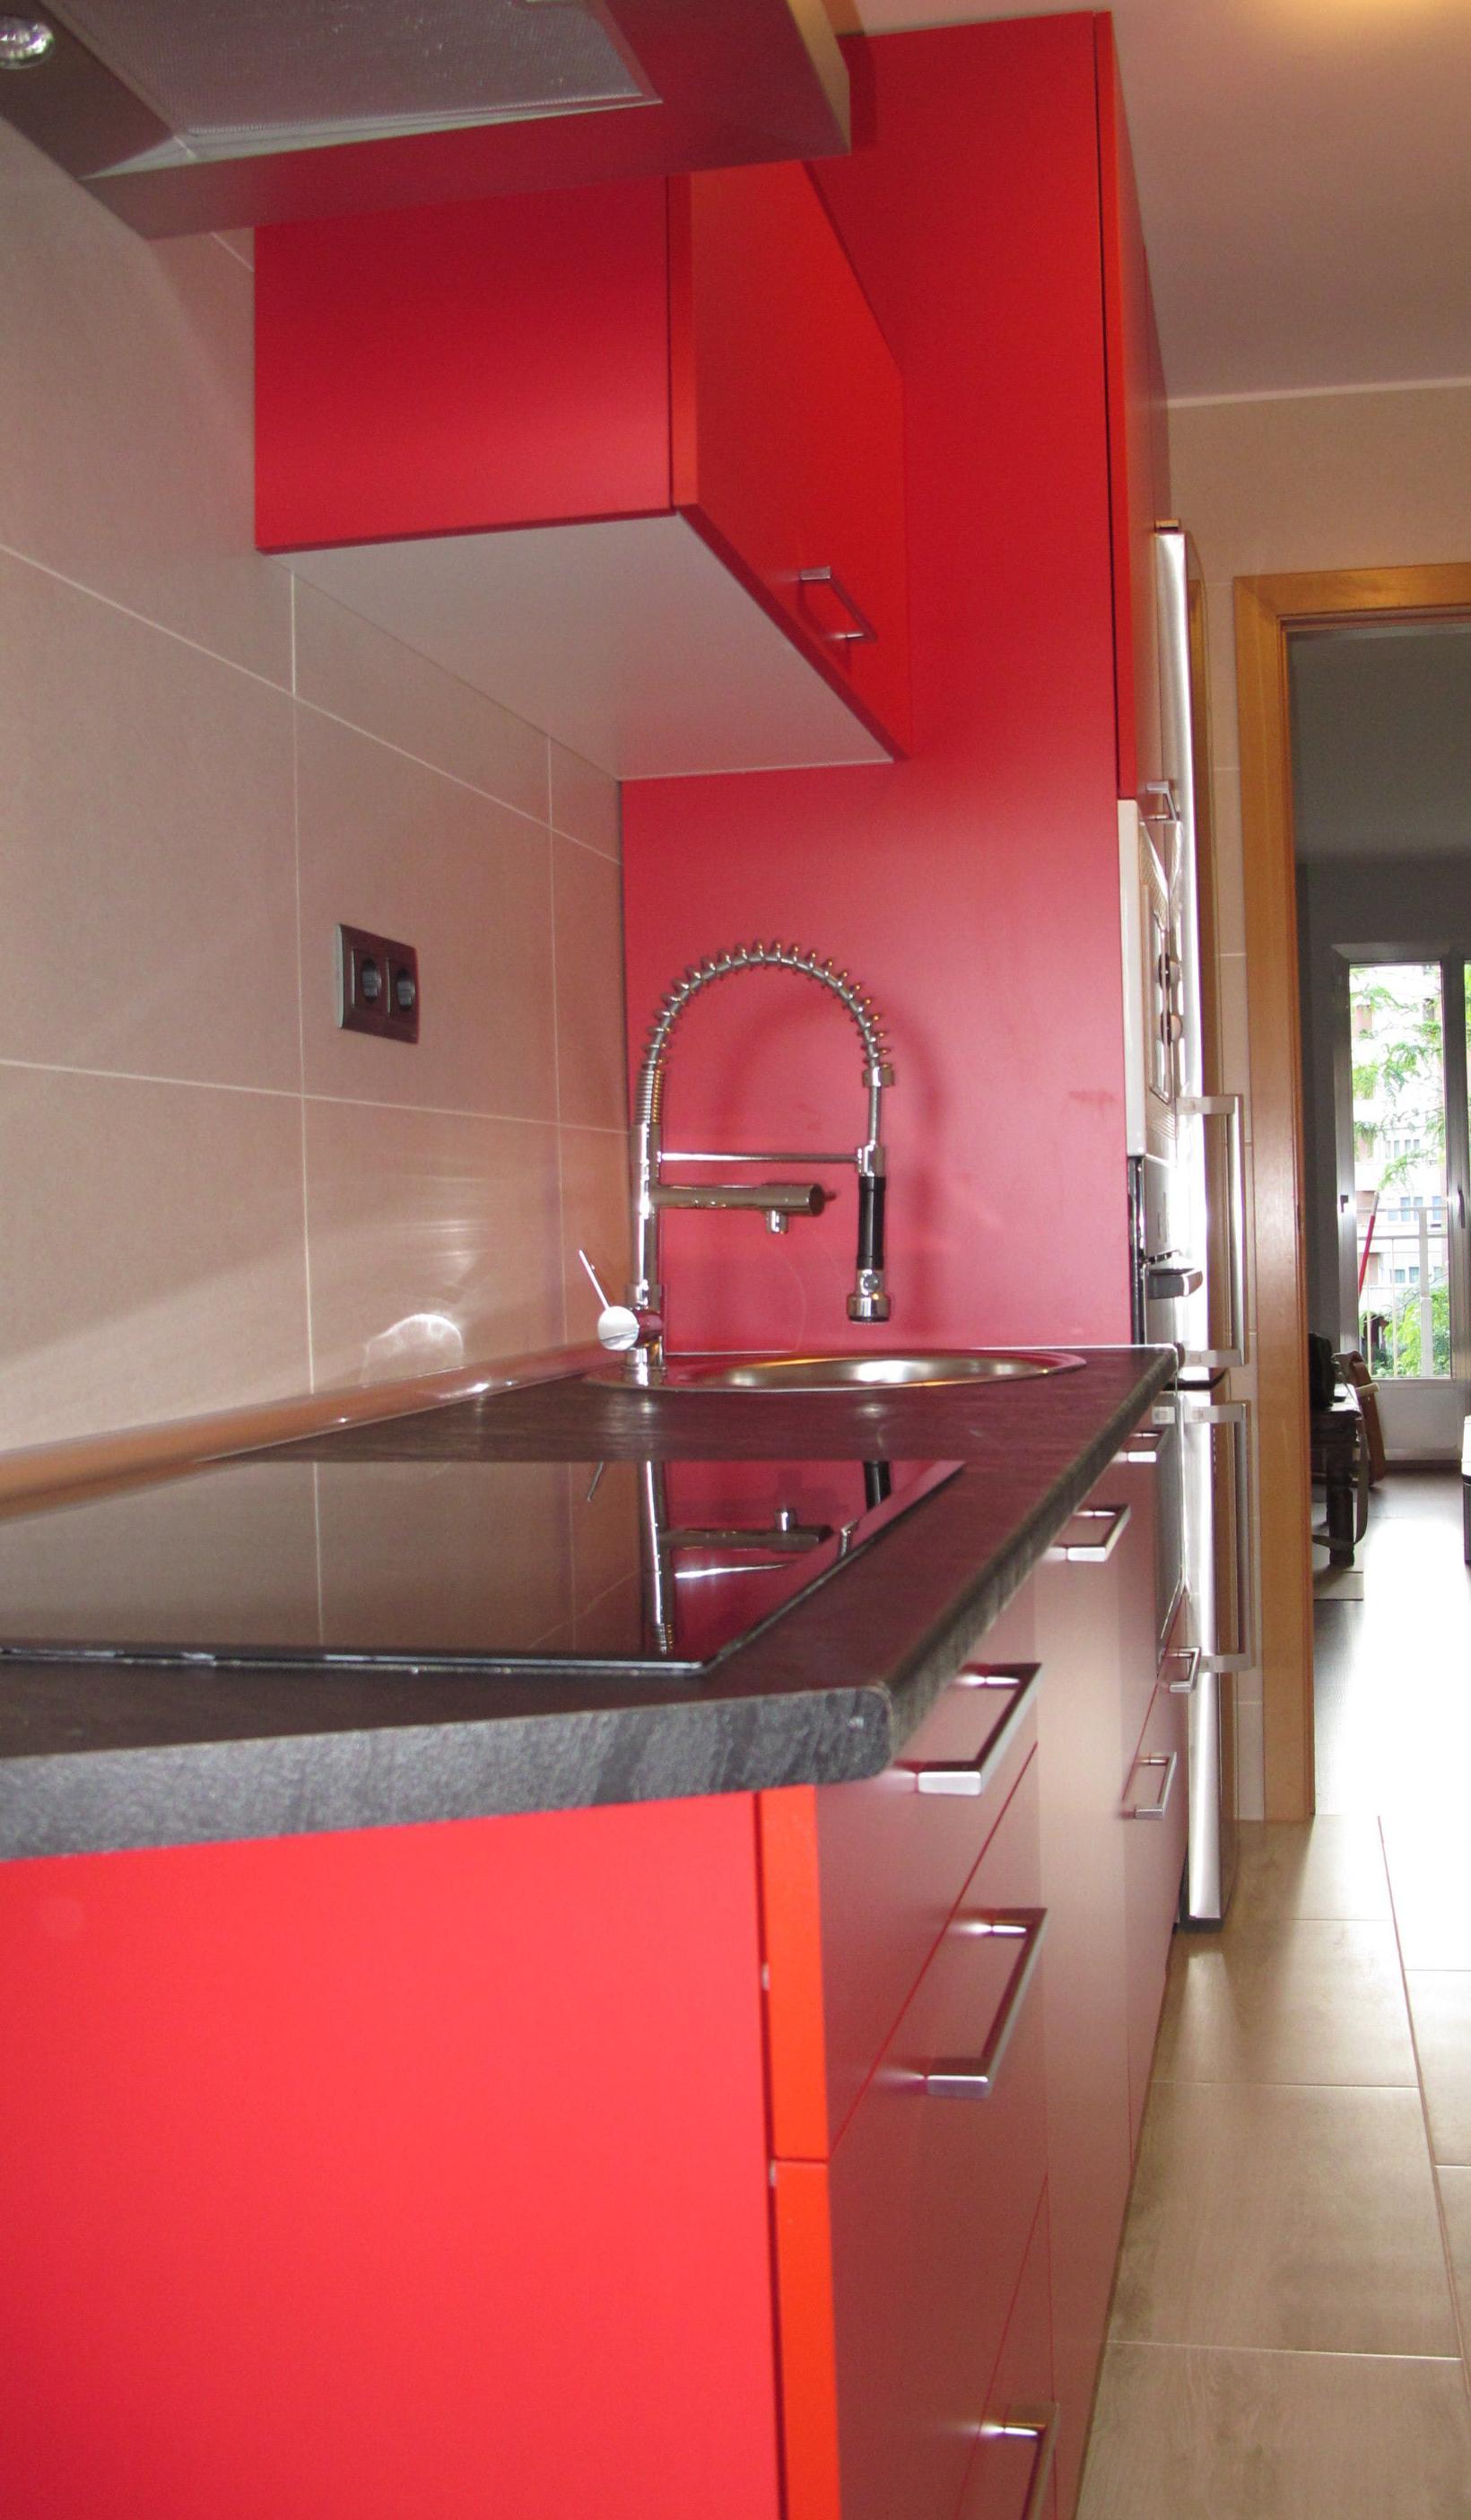 1h oferta muebles cocina mate satinado rojo cat logo de - Muebles cocina catalogo ...